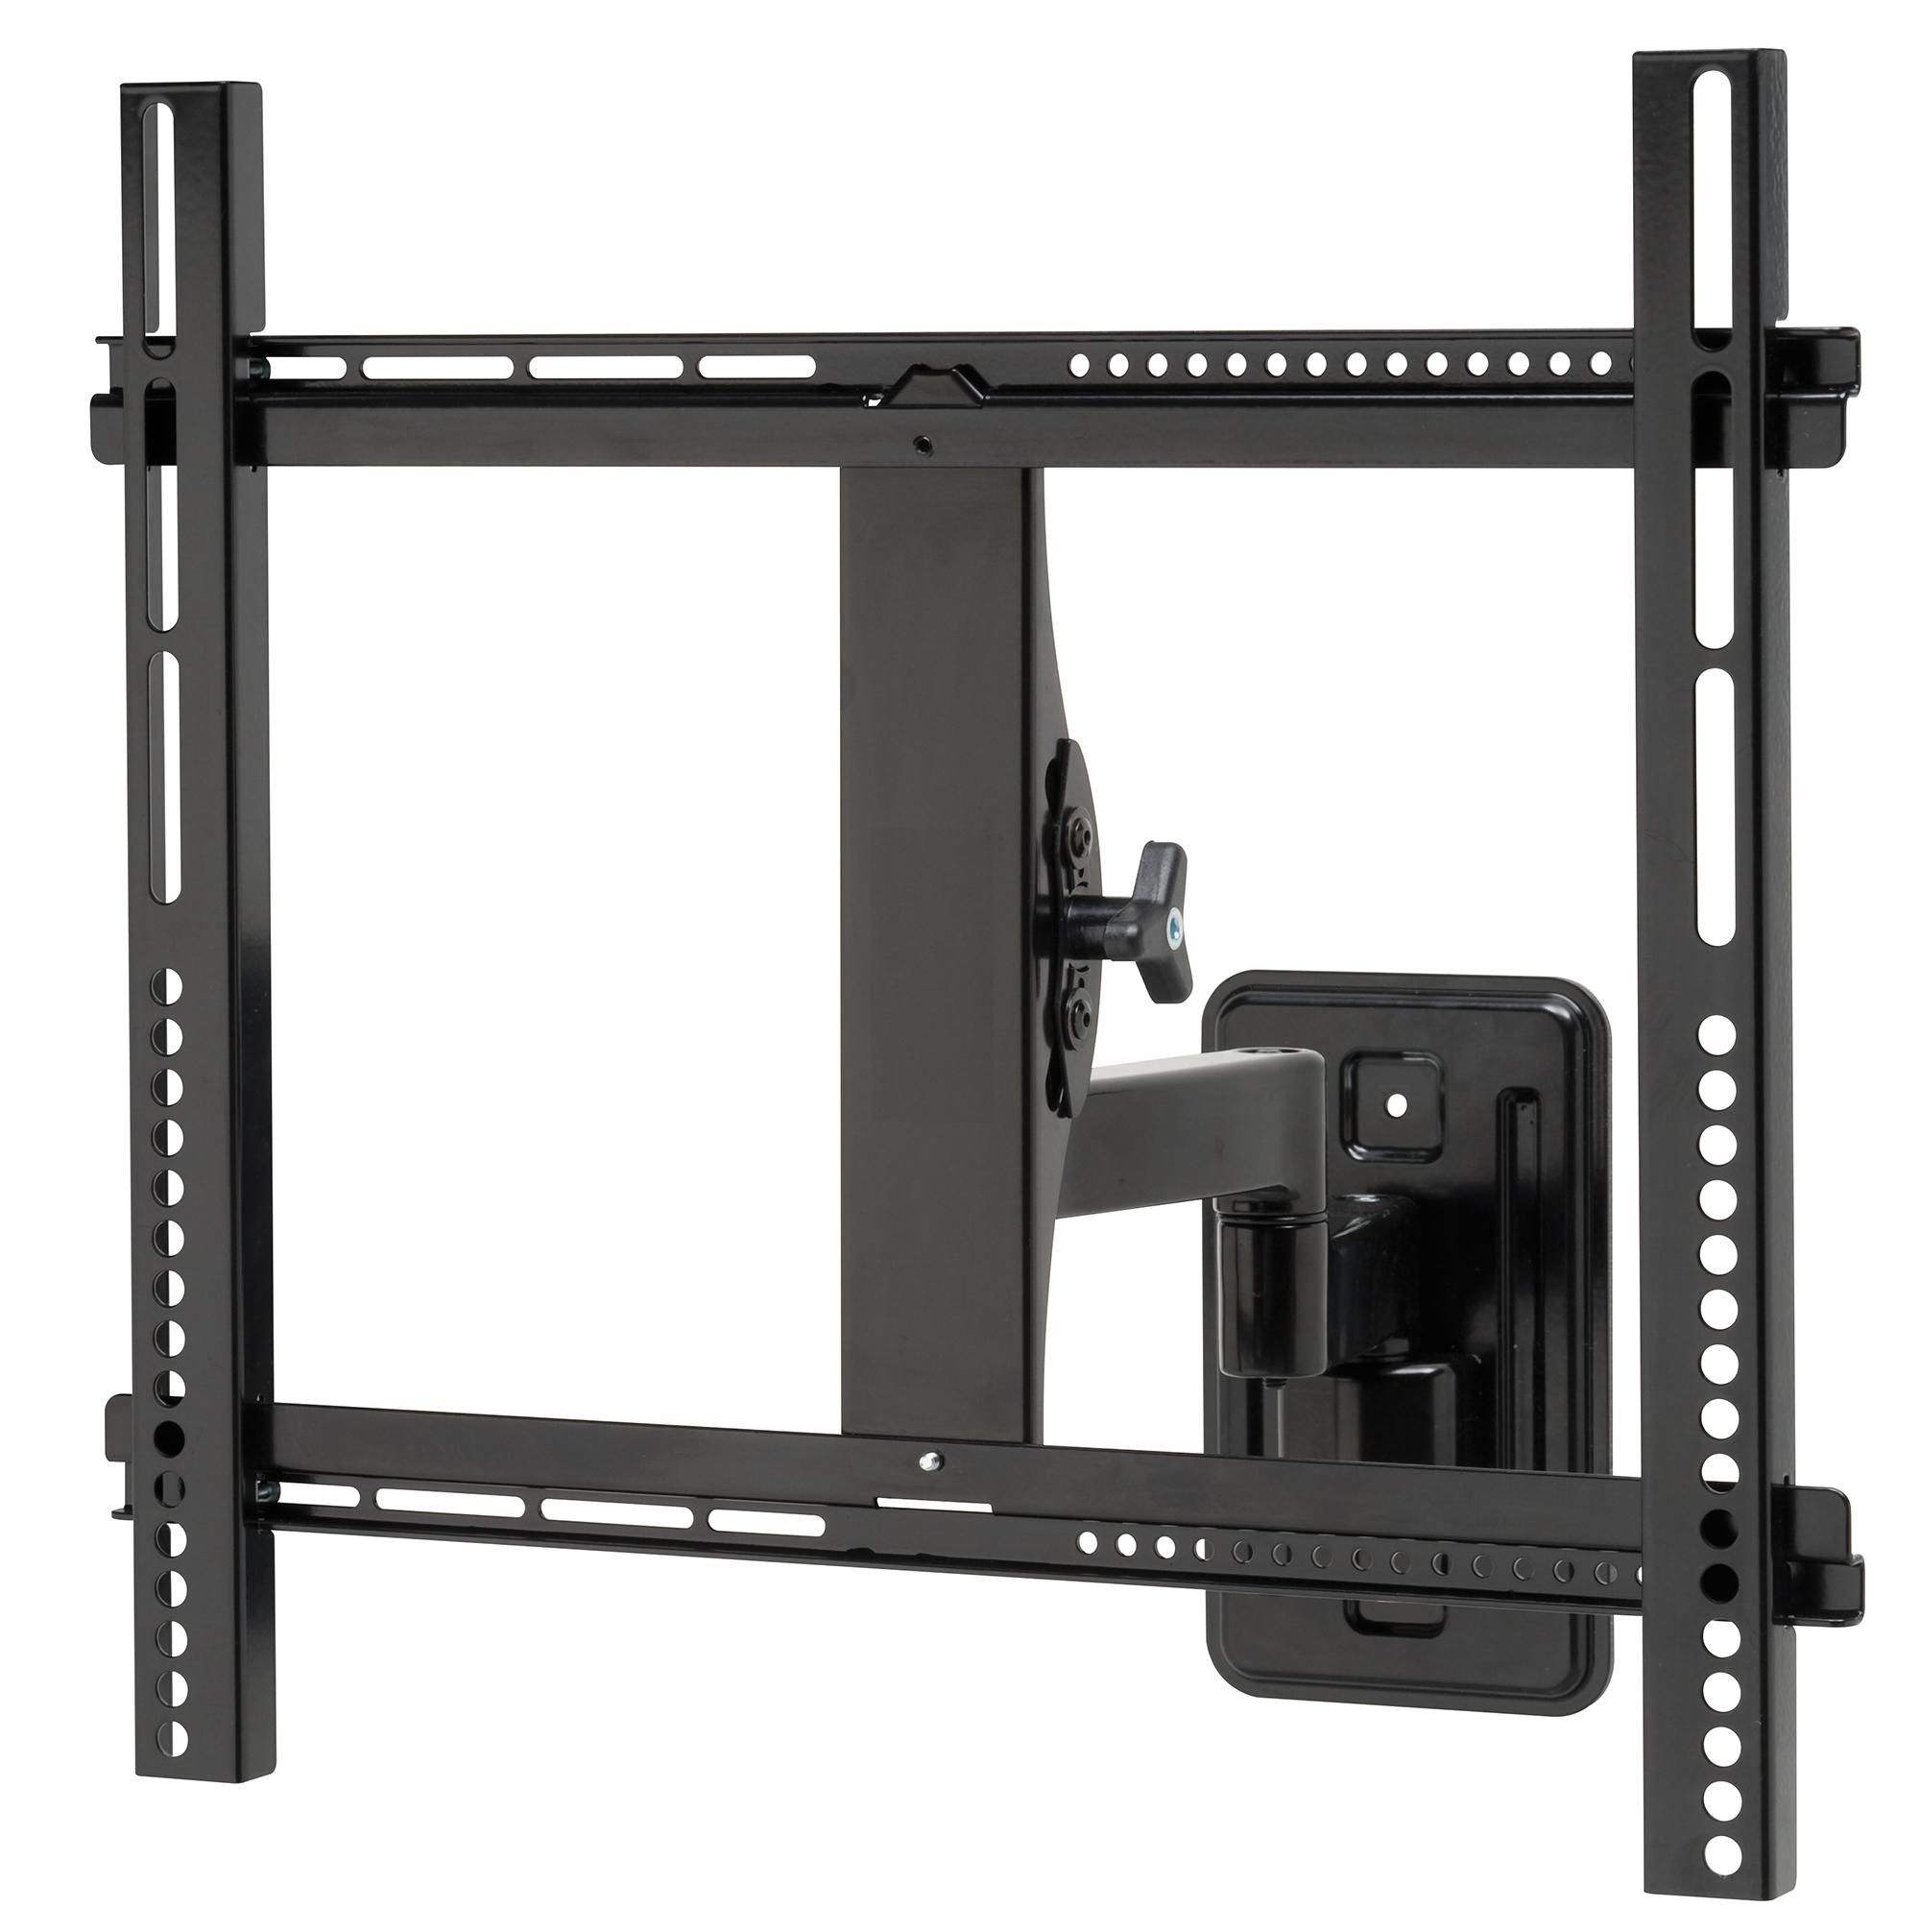 sanus full motion articulating tv wall mount for 32 47 tvs 12 extension 793795528445 ebay. Black Bedroom Furniture Sets. Home Design Ideas